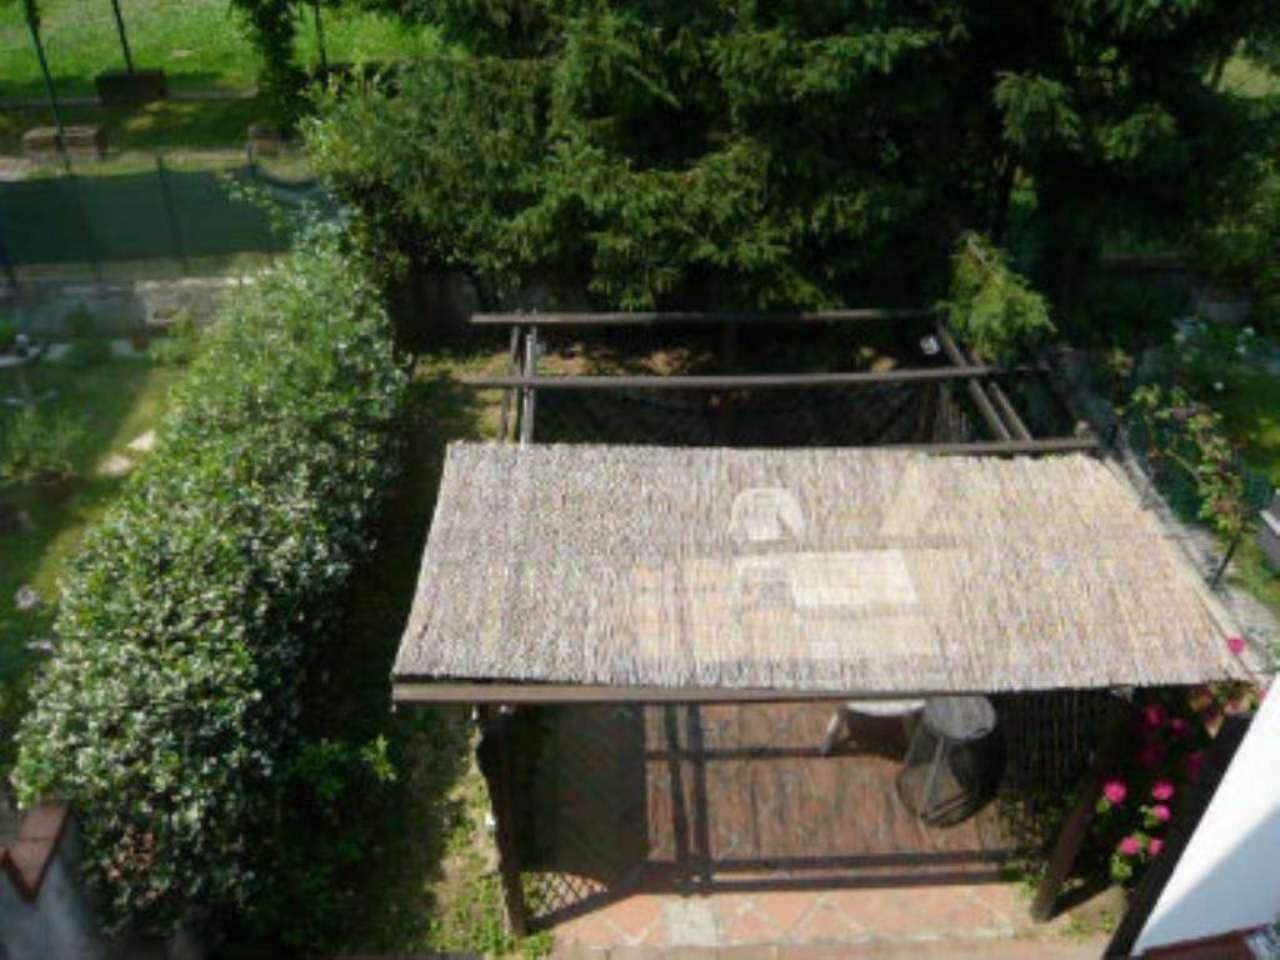 Villa in vendita a Milano, 5 locali, zona Zona: 3 . Bicocca, Greco, Monza, Palmanova, Padova, prezzo € 500.000 | CambioCasa.it